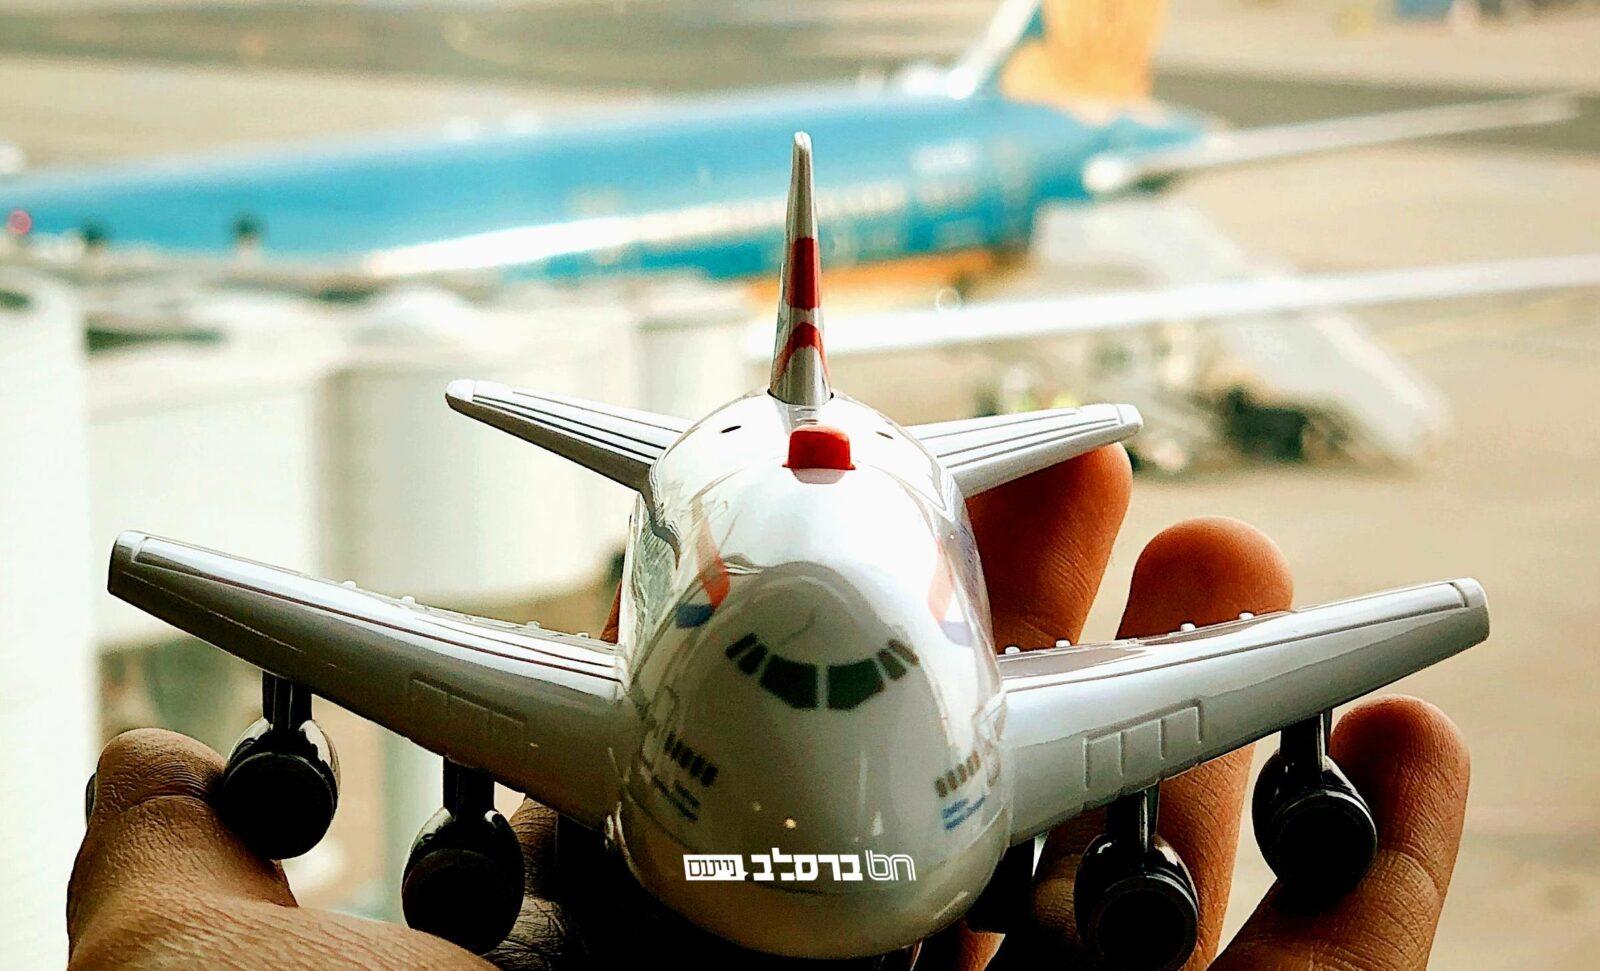 תעופה • ישראל מוגדרת שוב כירוקה באוקראינה, ושערוריית סגירת שמי ישראל